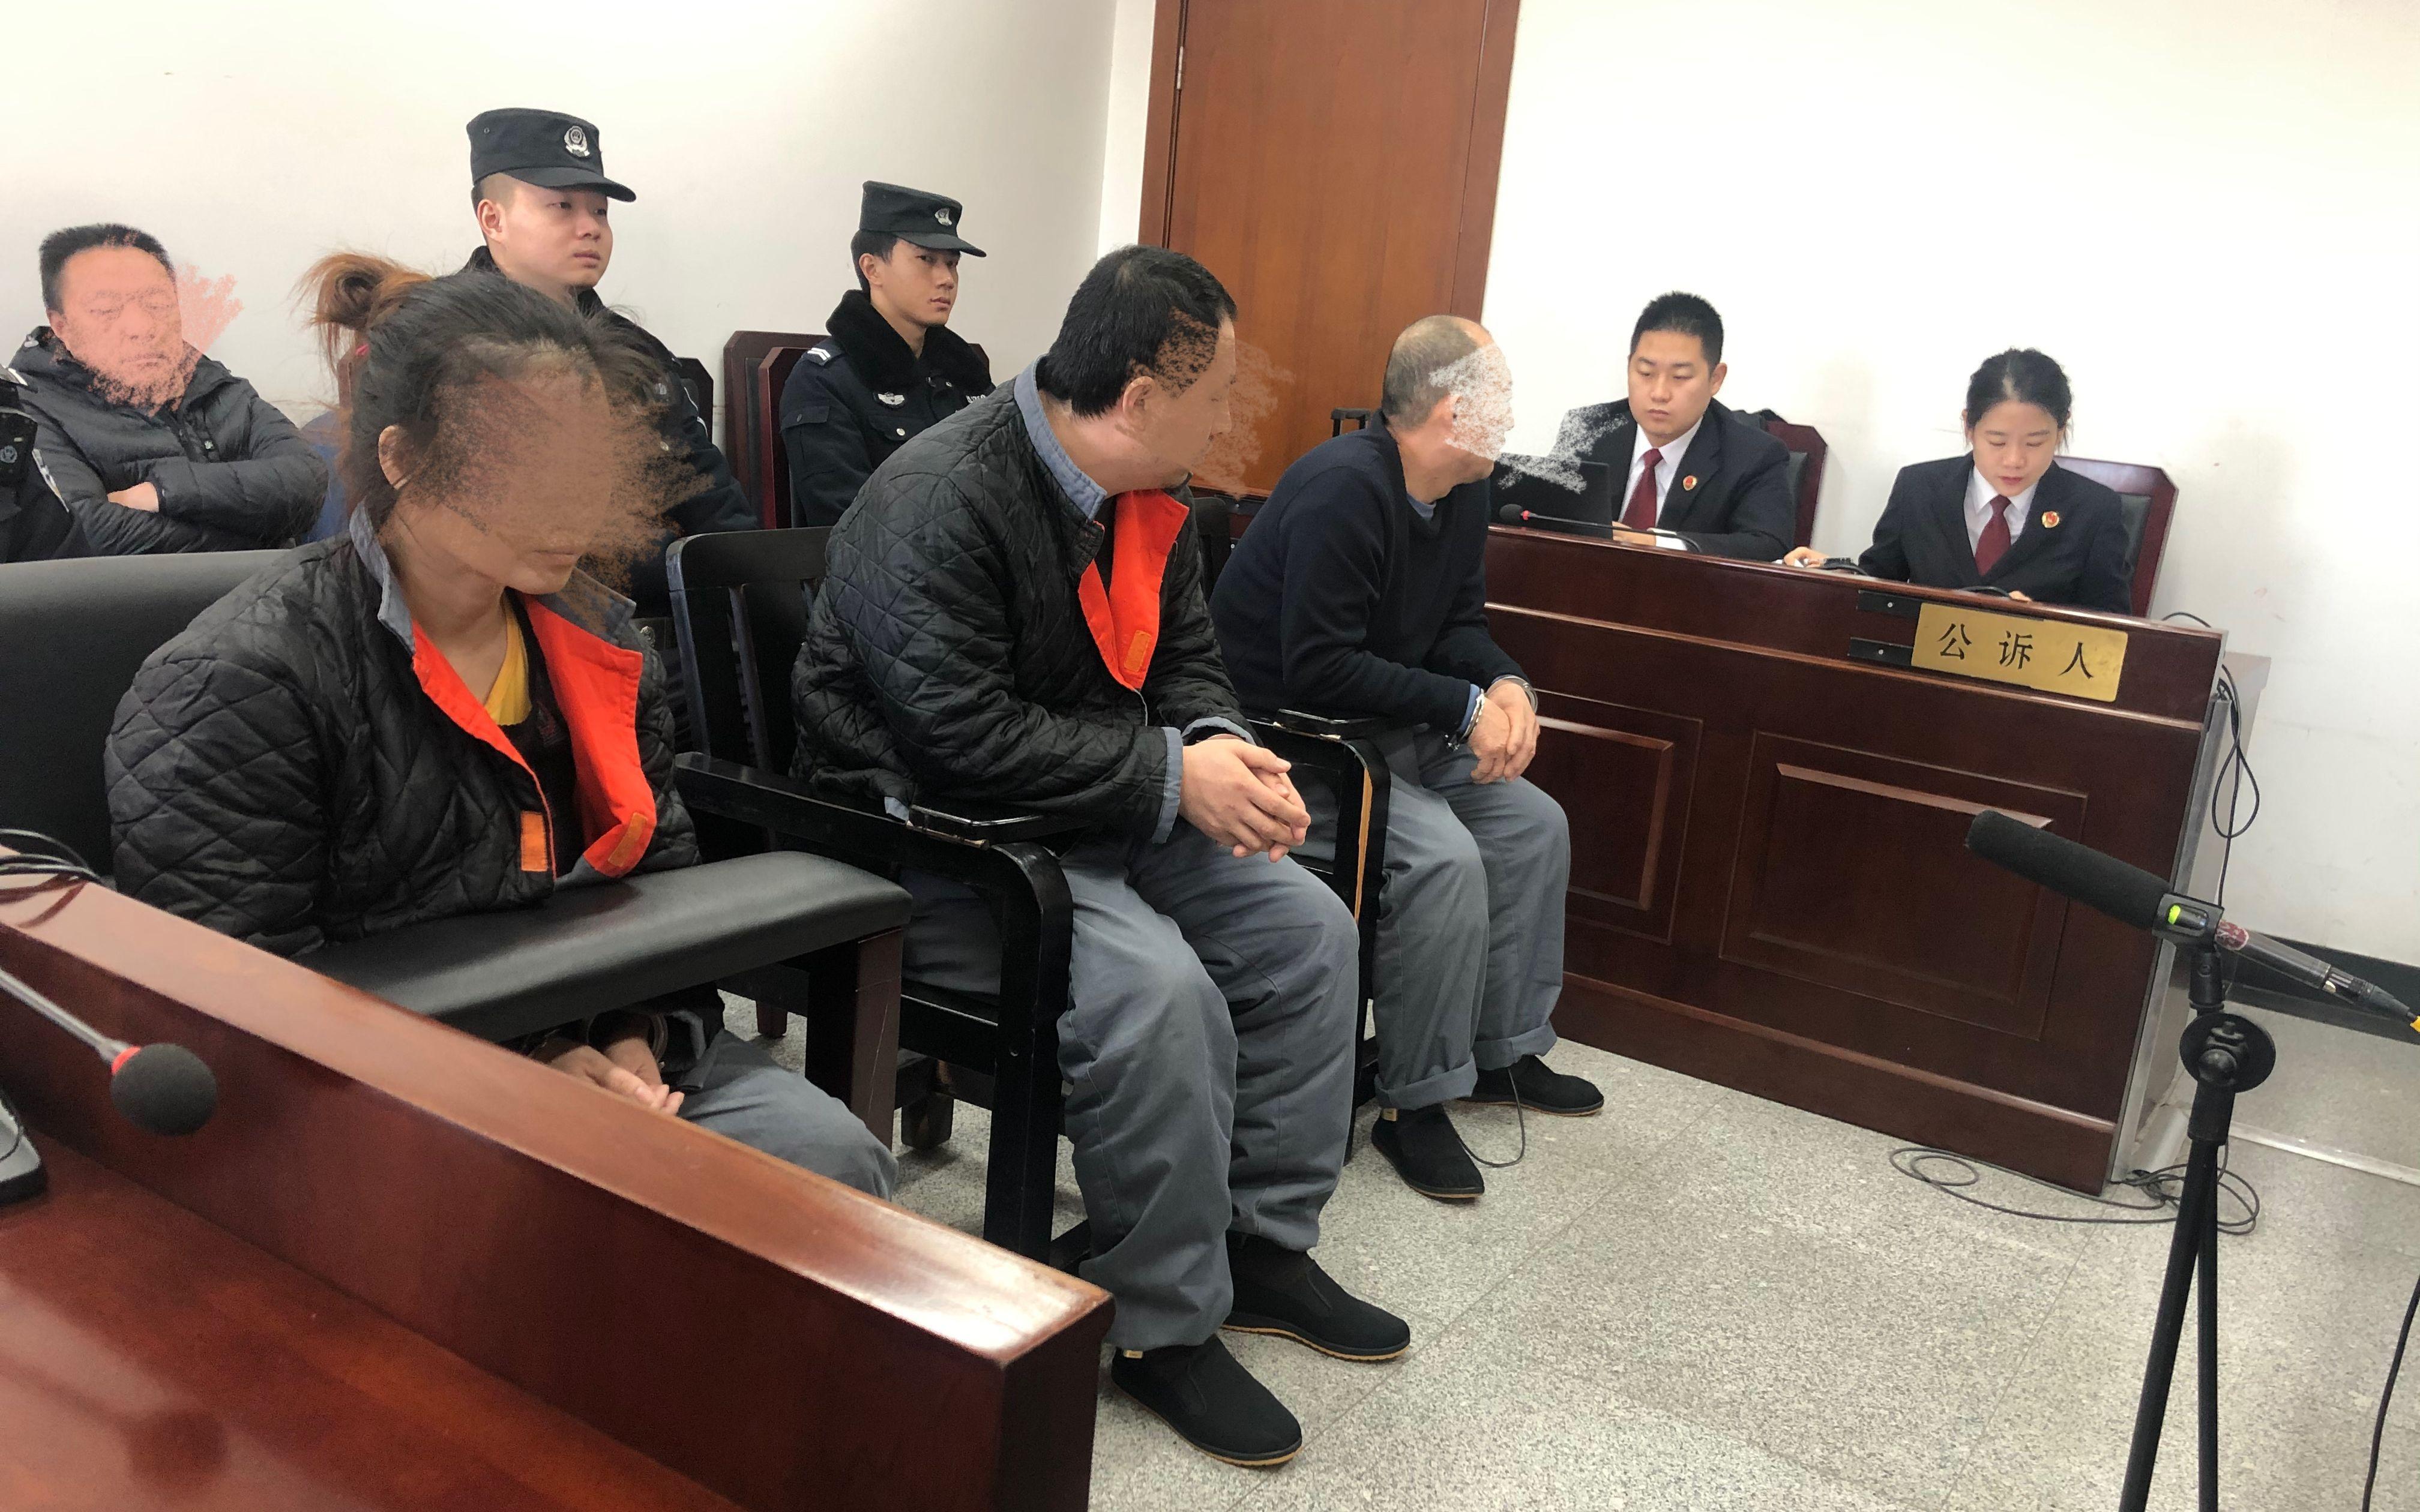 将自来水灌到桶里冒充品牌桶装矿泉水销售 3人在京受审